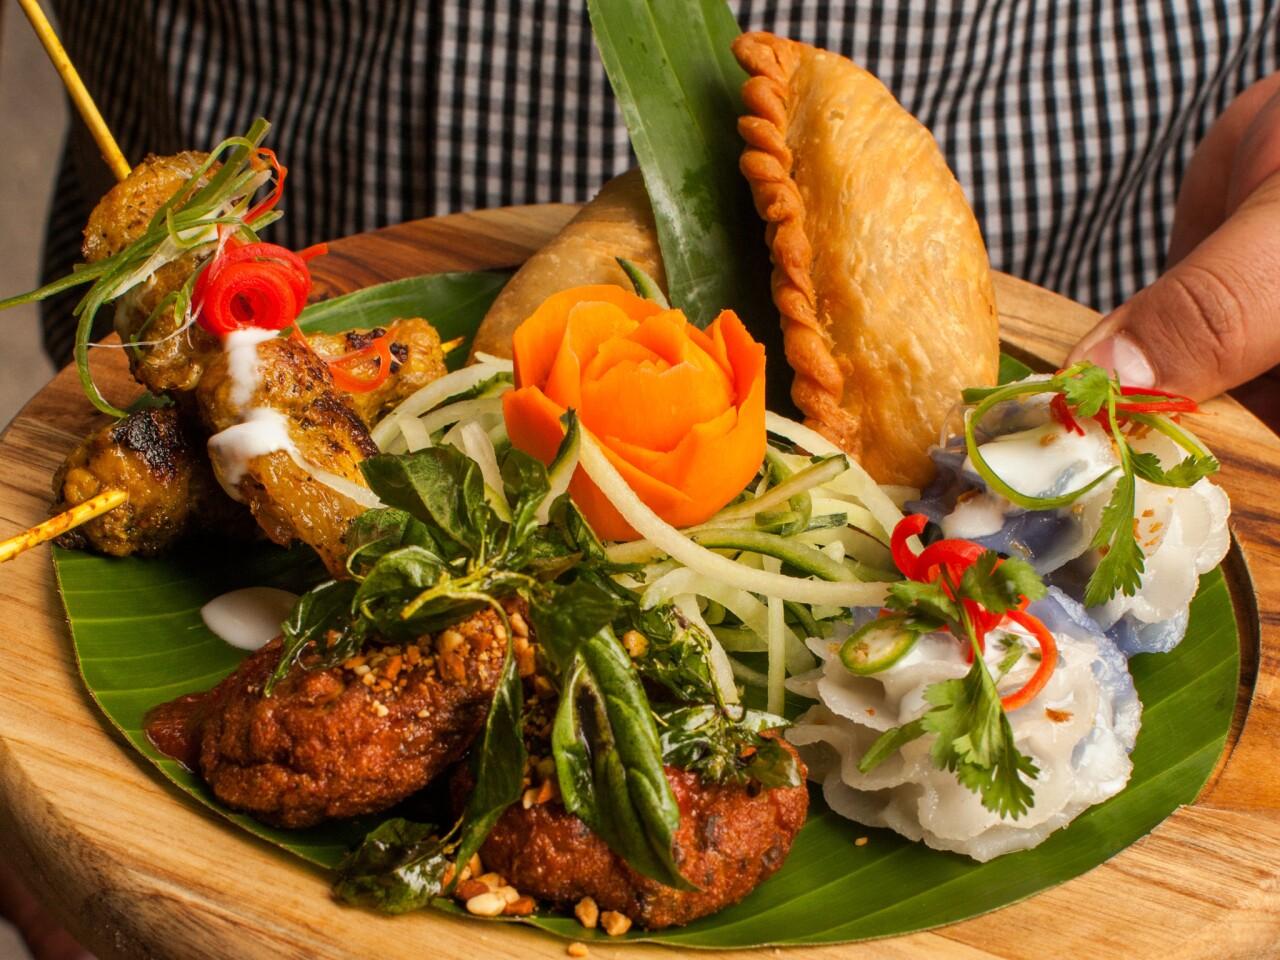 Jan ruam mit, Galangal's Thai platter, features Thai fish cake, Thai curry puff, Thai chicken satay, Chor mung flower dumplings.